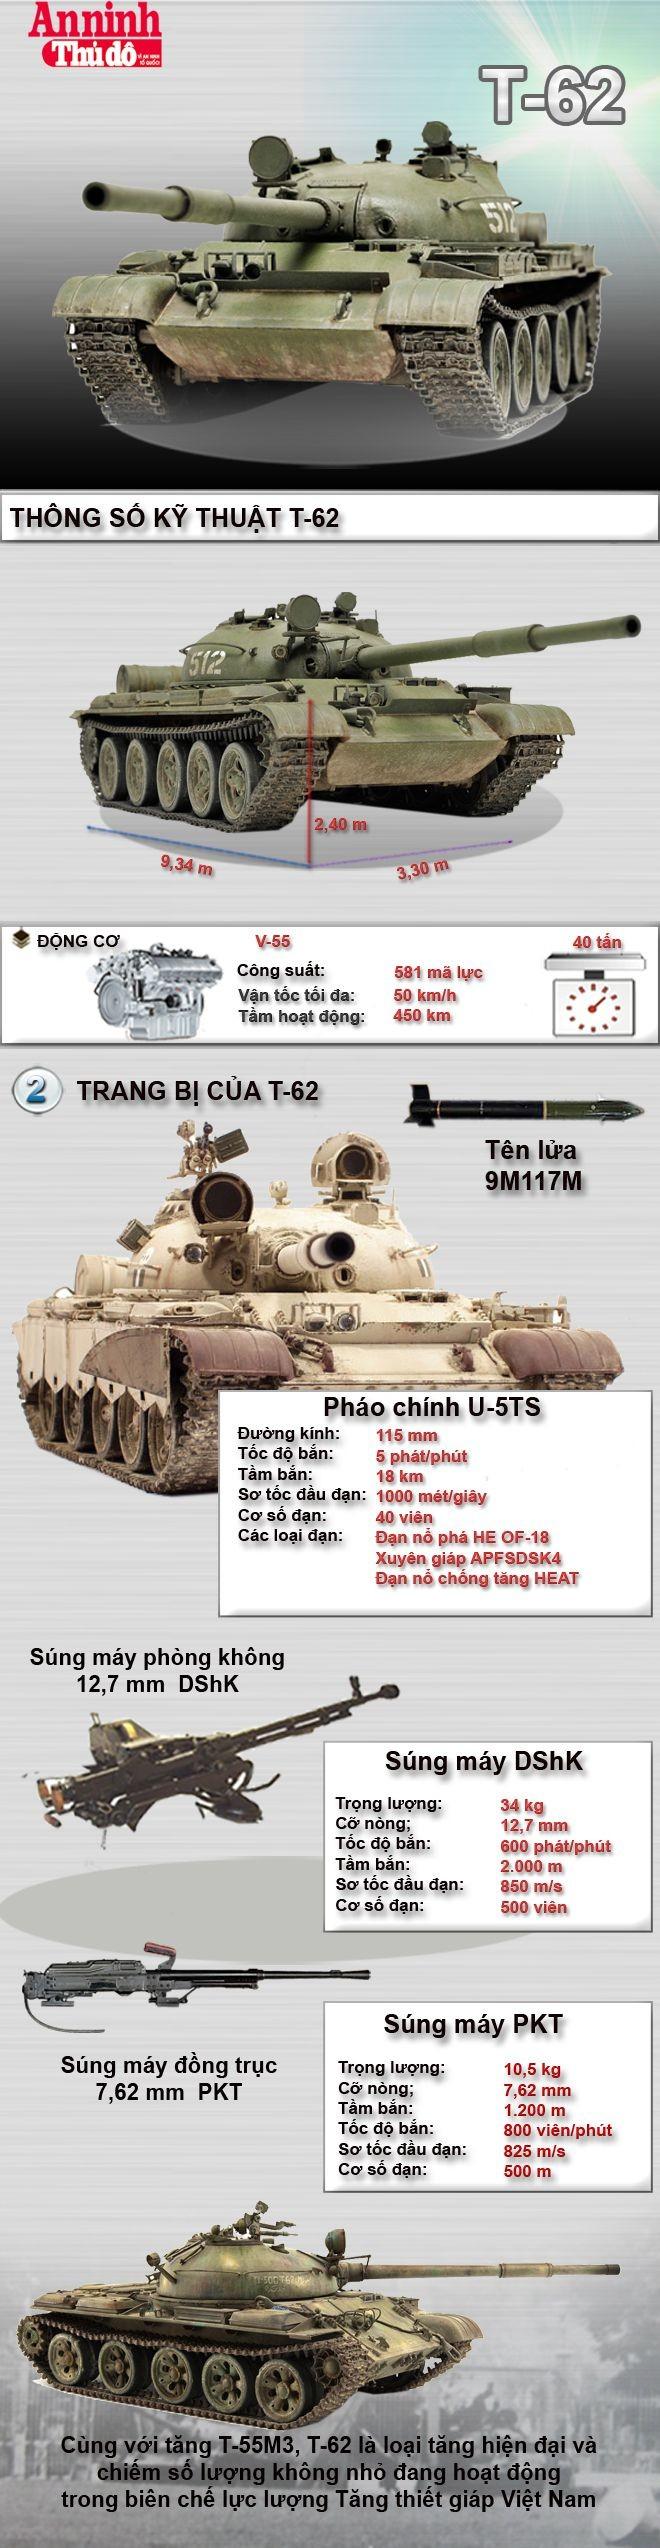 [Infographic] T-62 - Tiếp bước dòng xe tăng T-54/55 huyền thoại